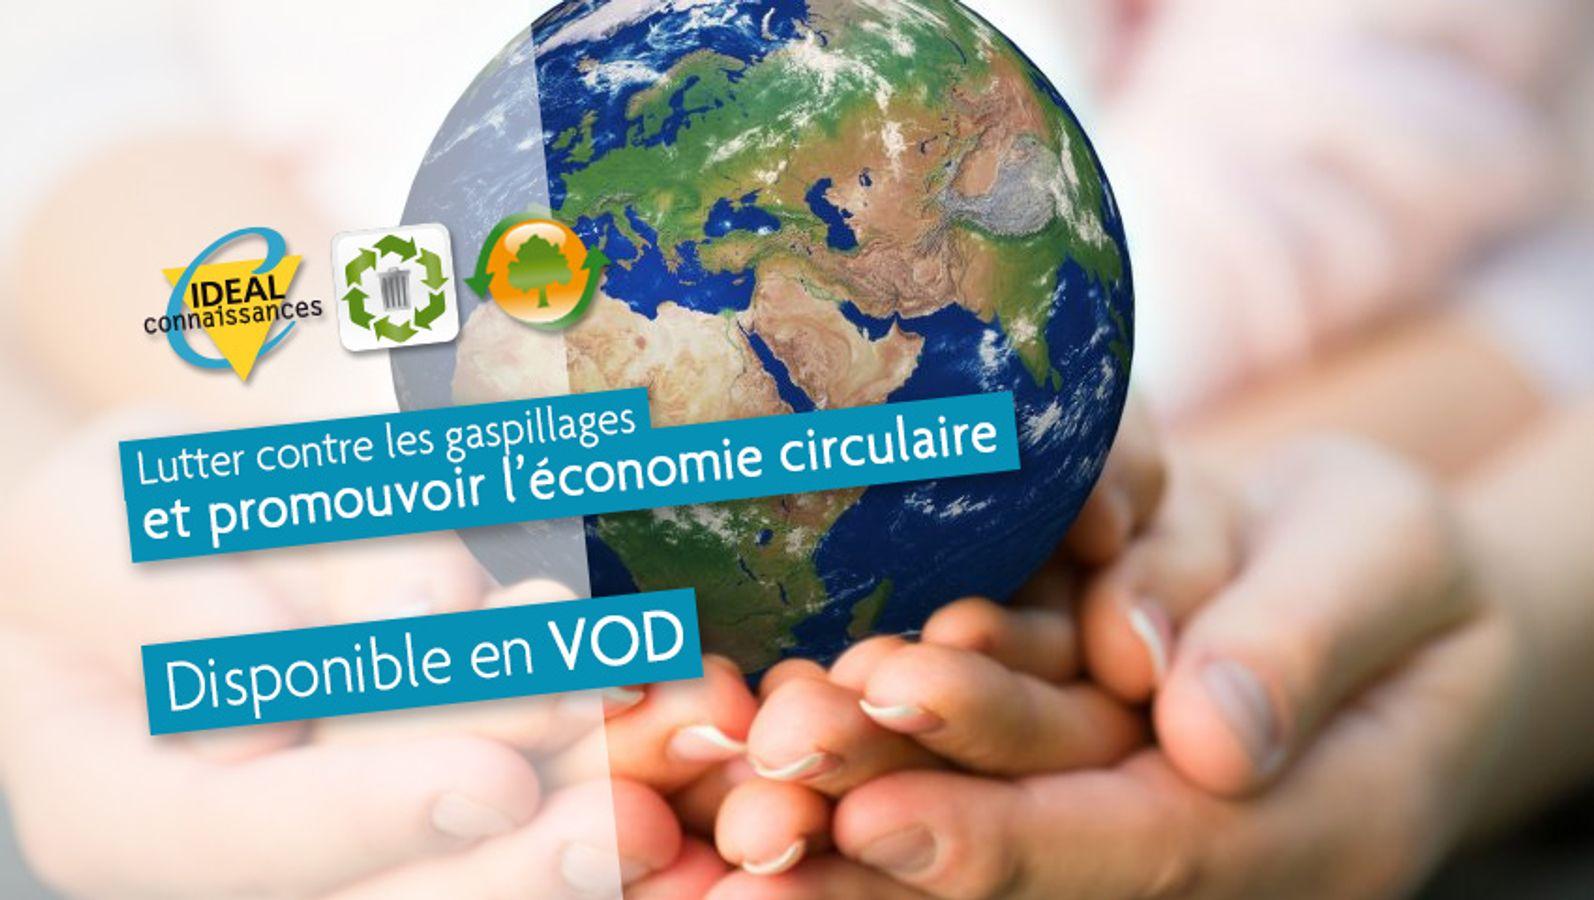 Lutter contre les gaspillages et promouvoir l'économie circulaire